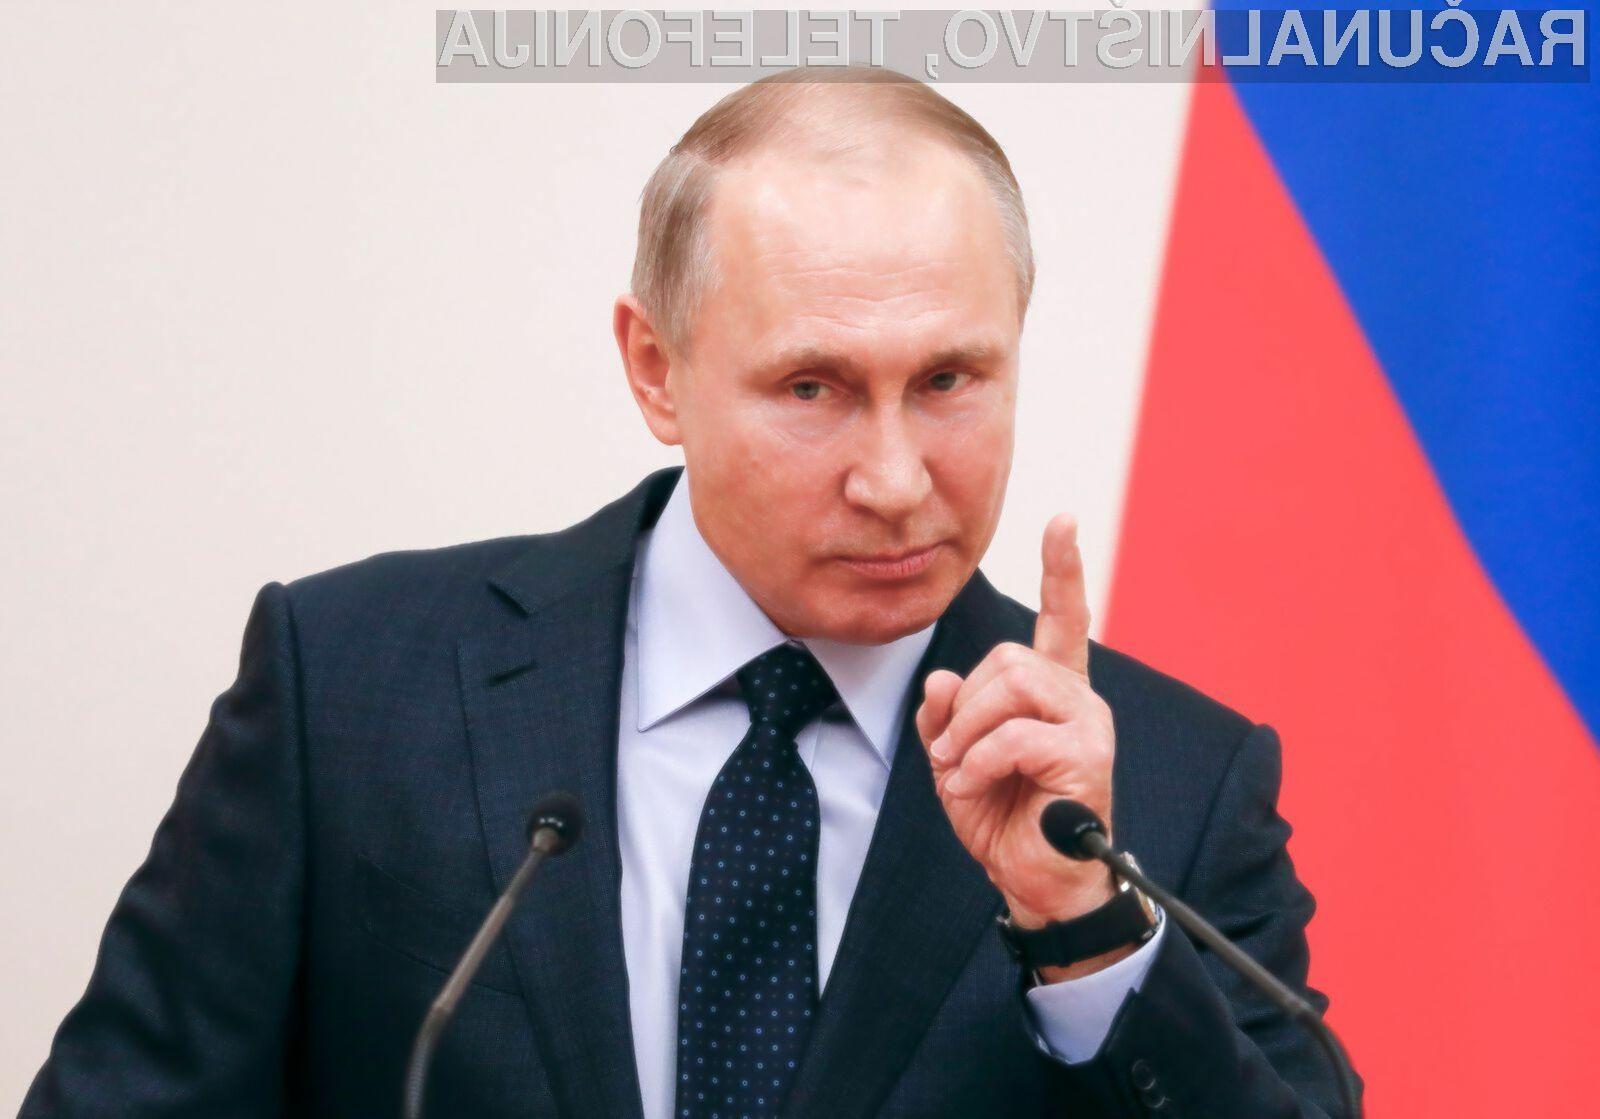 Ruski parlament je vojakom prepovedal uporabo pametnih mobilnih telefonov.